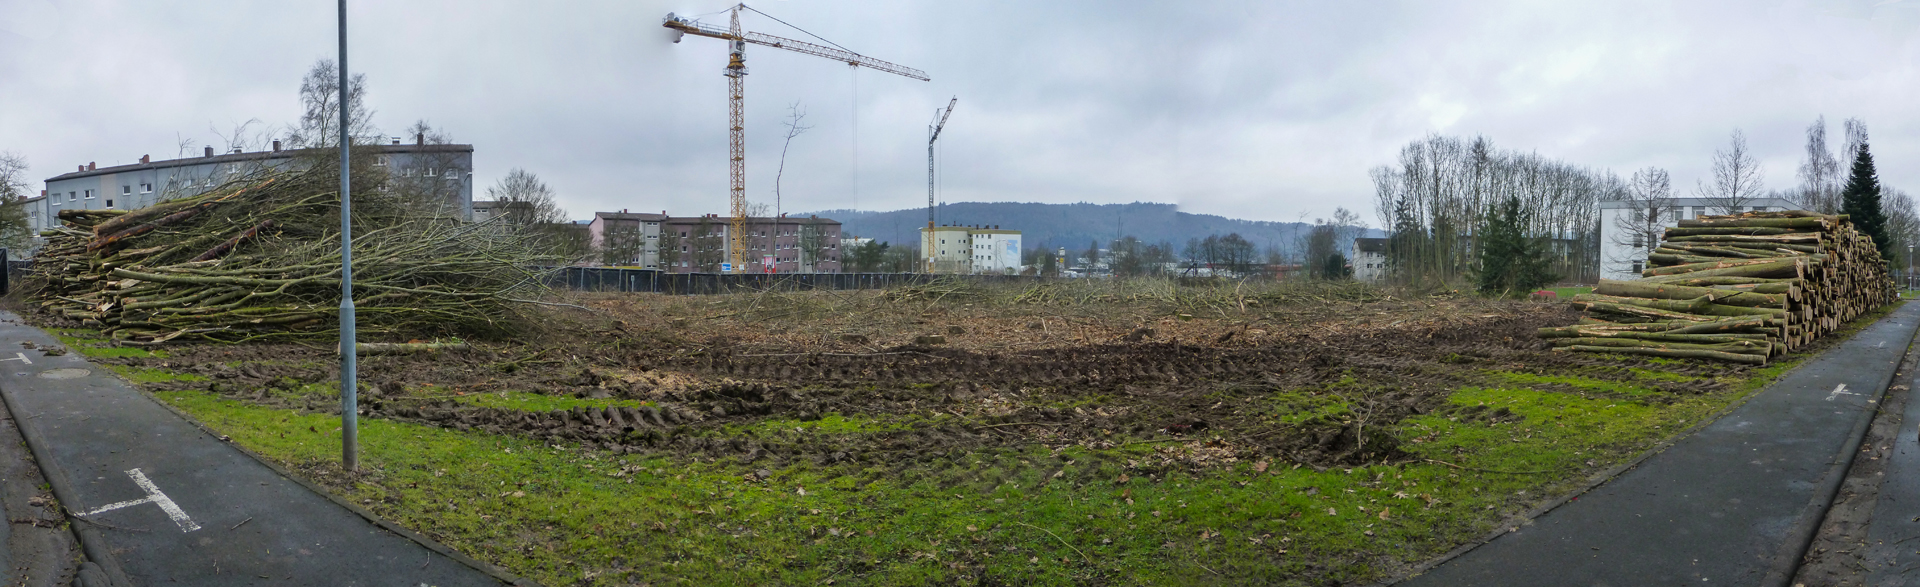 Panoramaansicht vom Vetos-Gelände nach der Rodung.